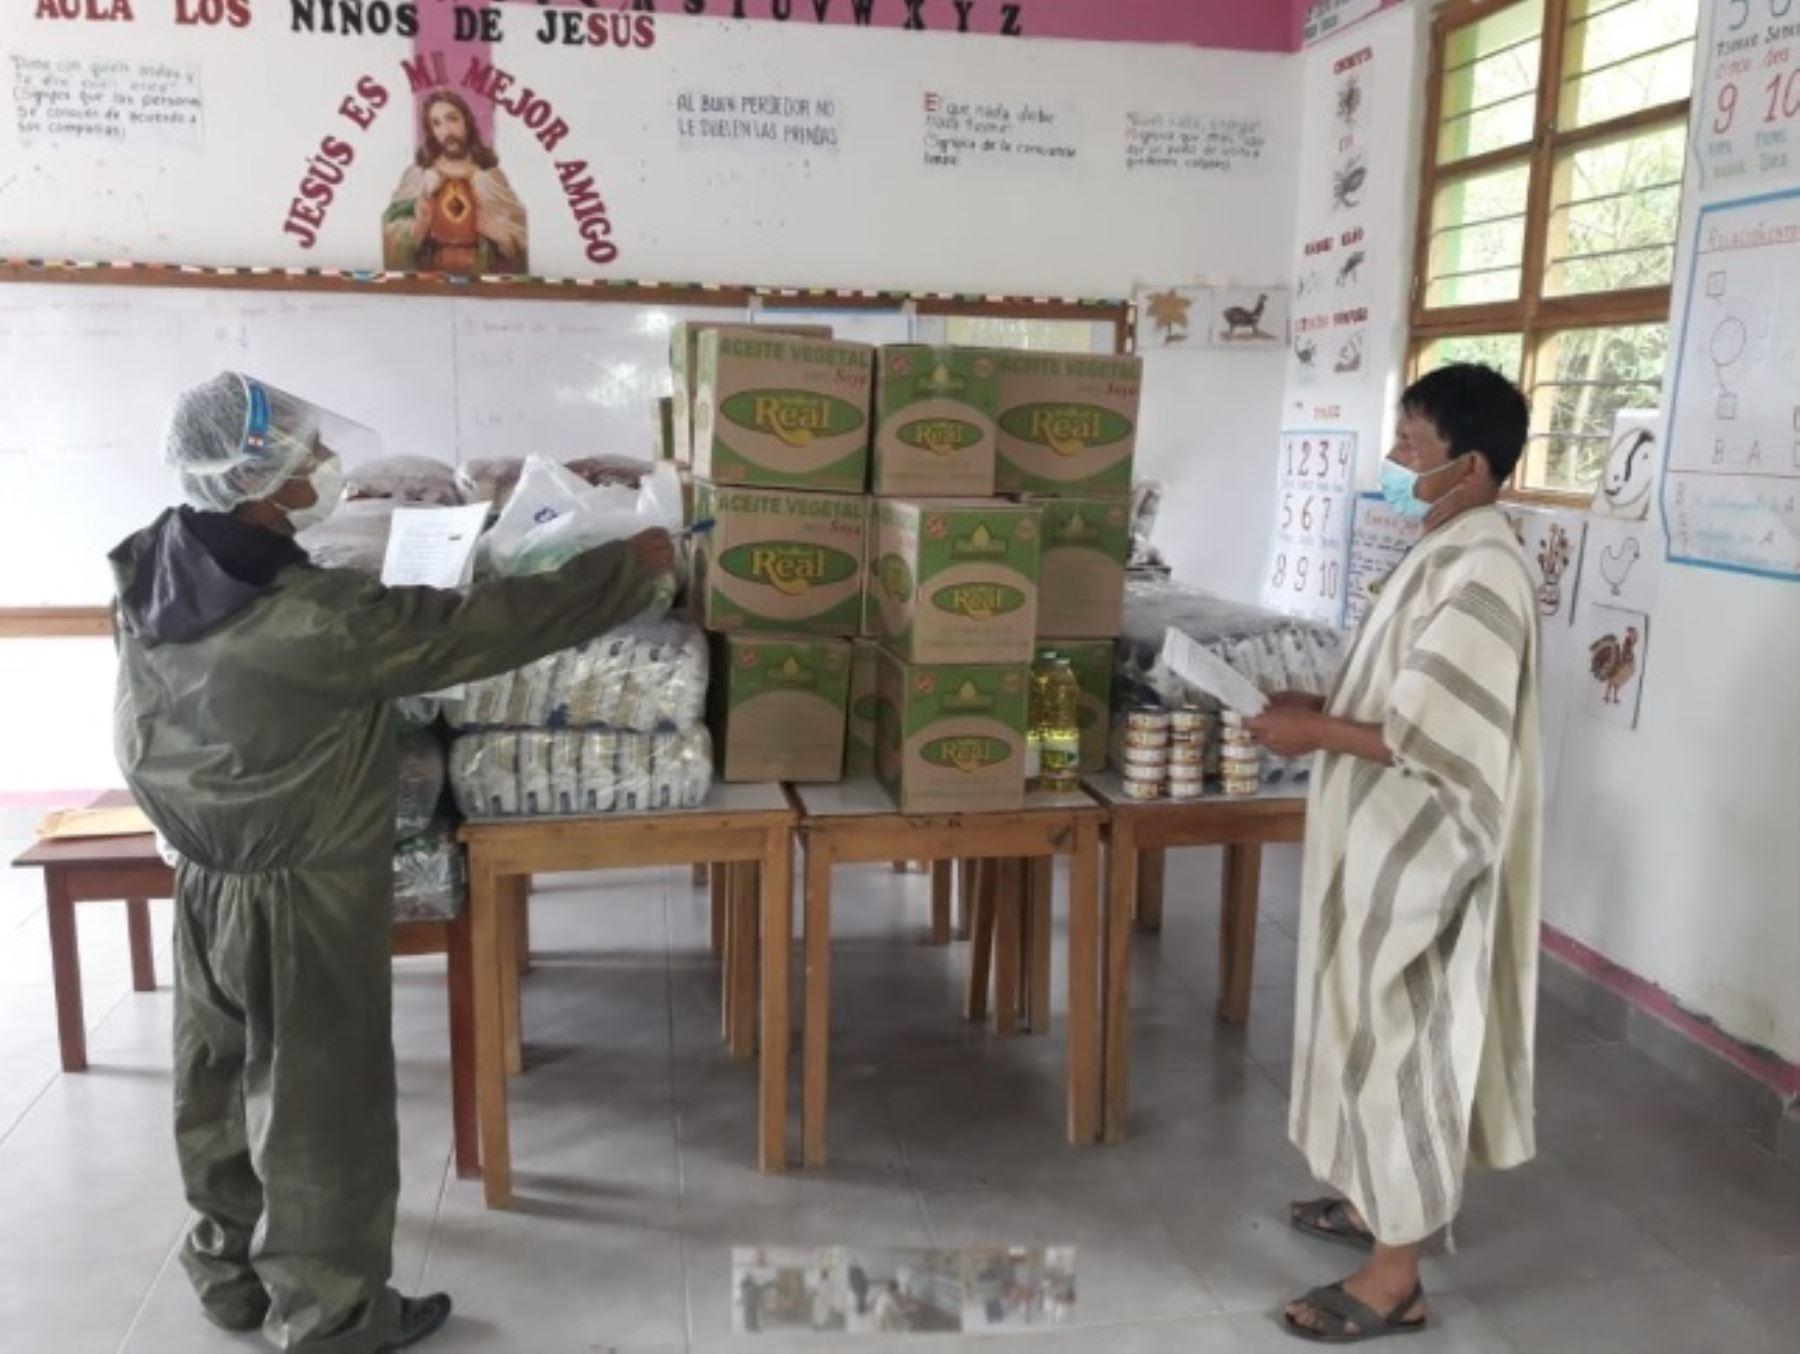 El Ministerio de Desarrollo e Inclusión Social (Midis), a través del Programa Nacional de Alimentación Escolar Qali Warma, inició la entrega de 189 toneladas de alimentos de calidad e inocuidad para atender a 13,589 pobladores en situación de vulnerabilidad pertenecientes a 64 comunidades nativas de varios distritos de la provincia cusqueña de La Convención.